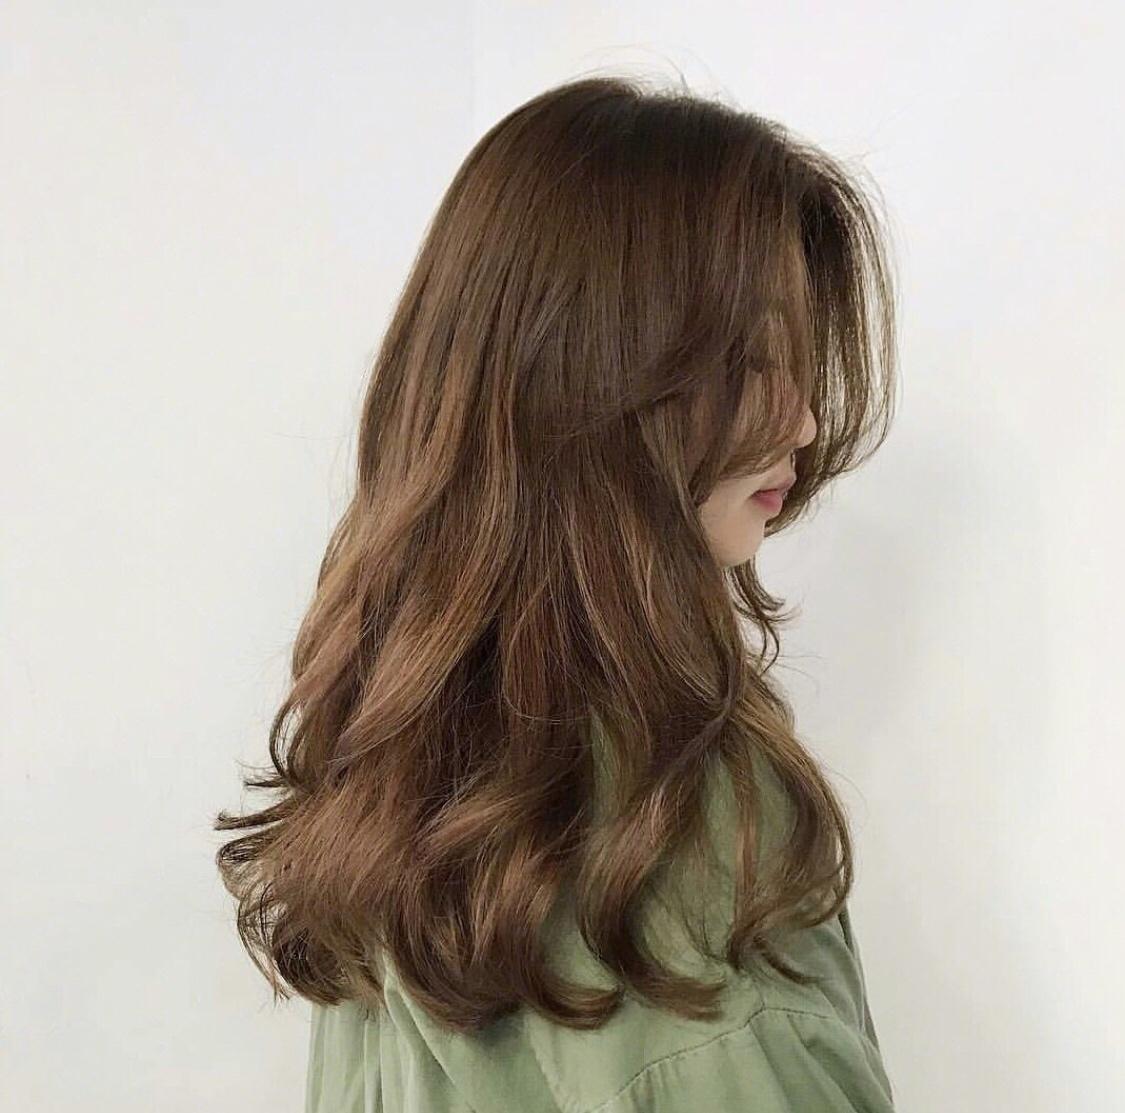 千色分享丨秋冬云朵烫 凌乱慵懒不失美感俏皮可爱帅酷发型你想要的我都有